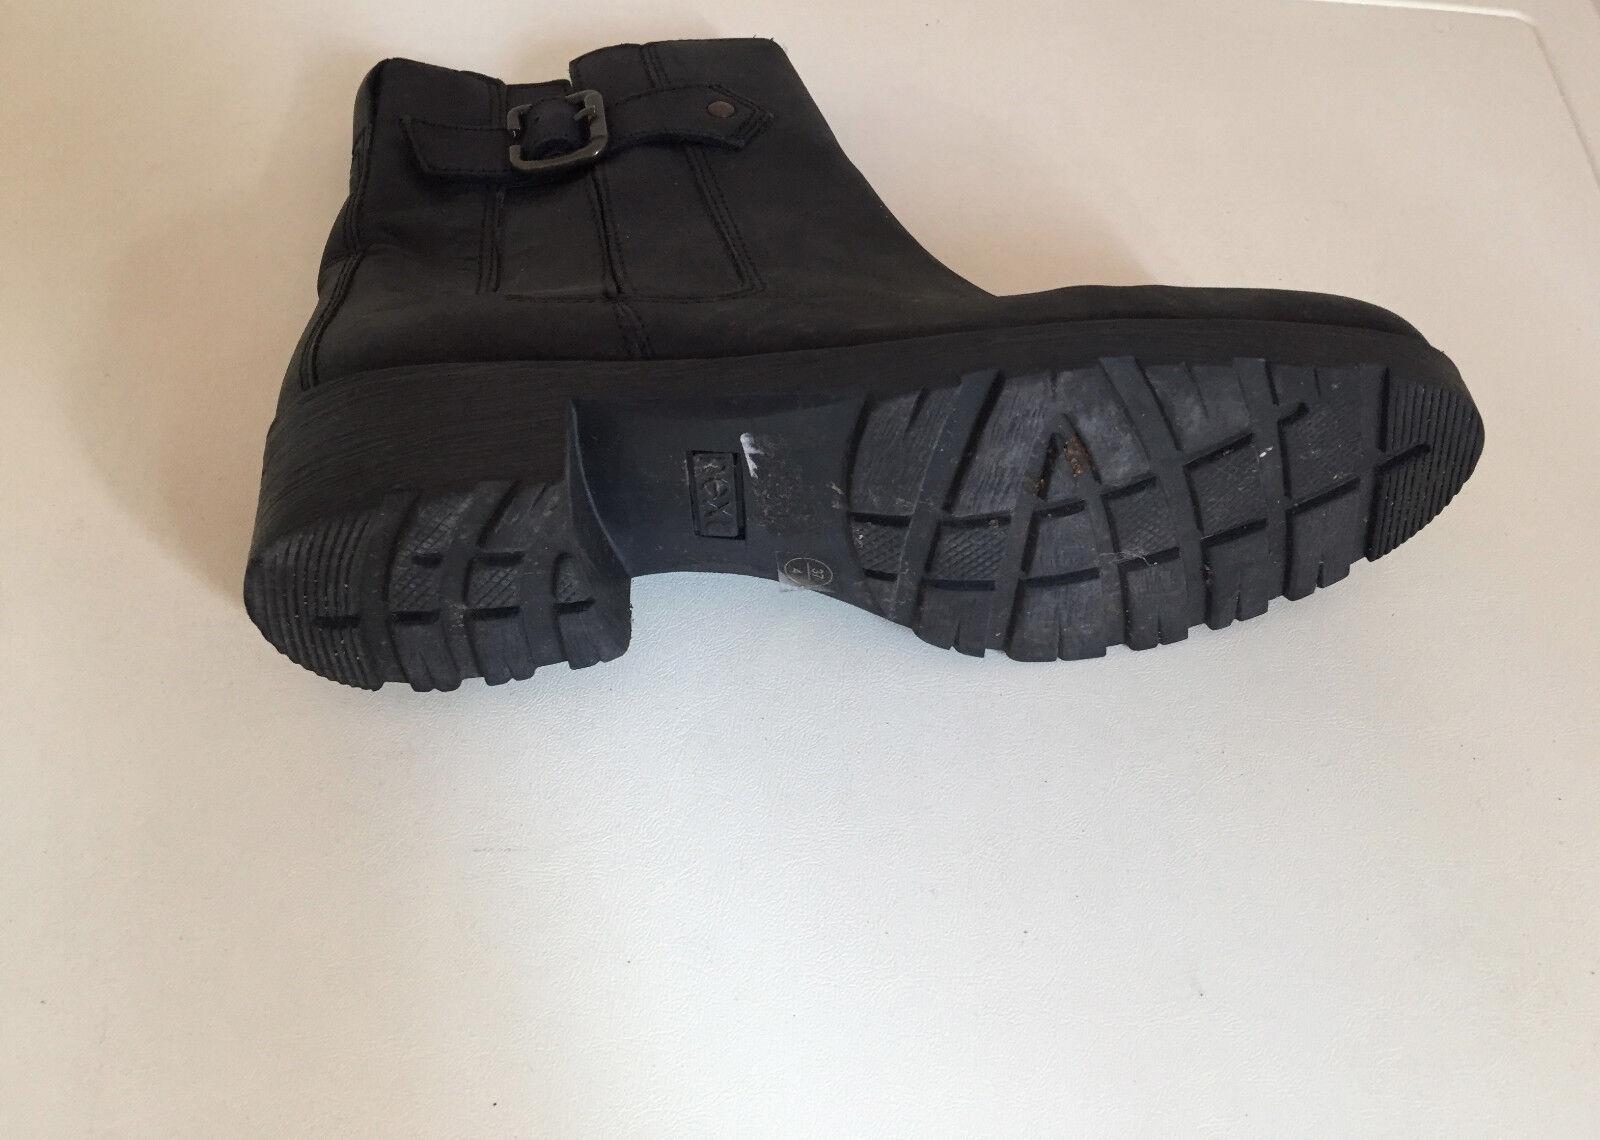 damen LADIES NEXT Leather Ankle schwarz schuhe Größe UK 4  | Kostengünstig